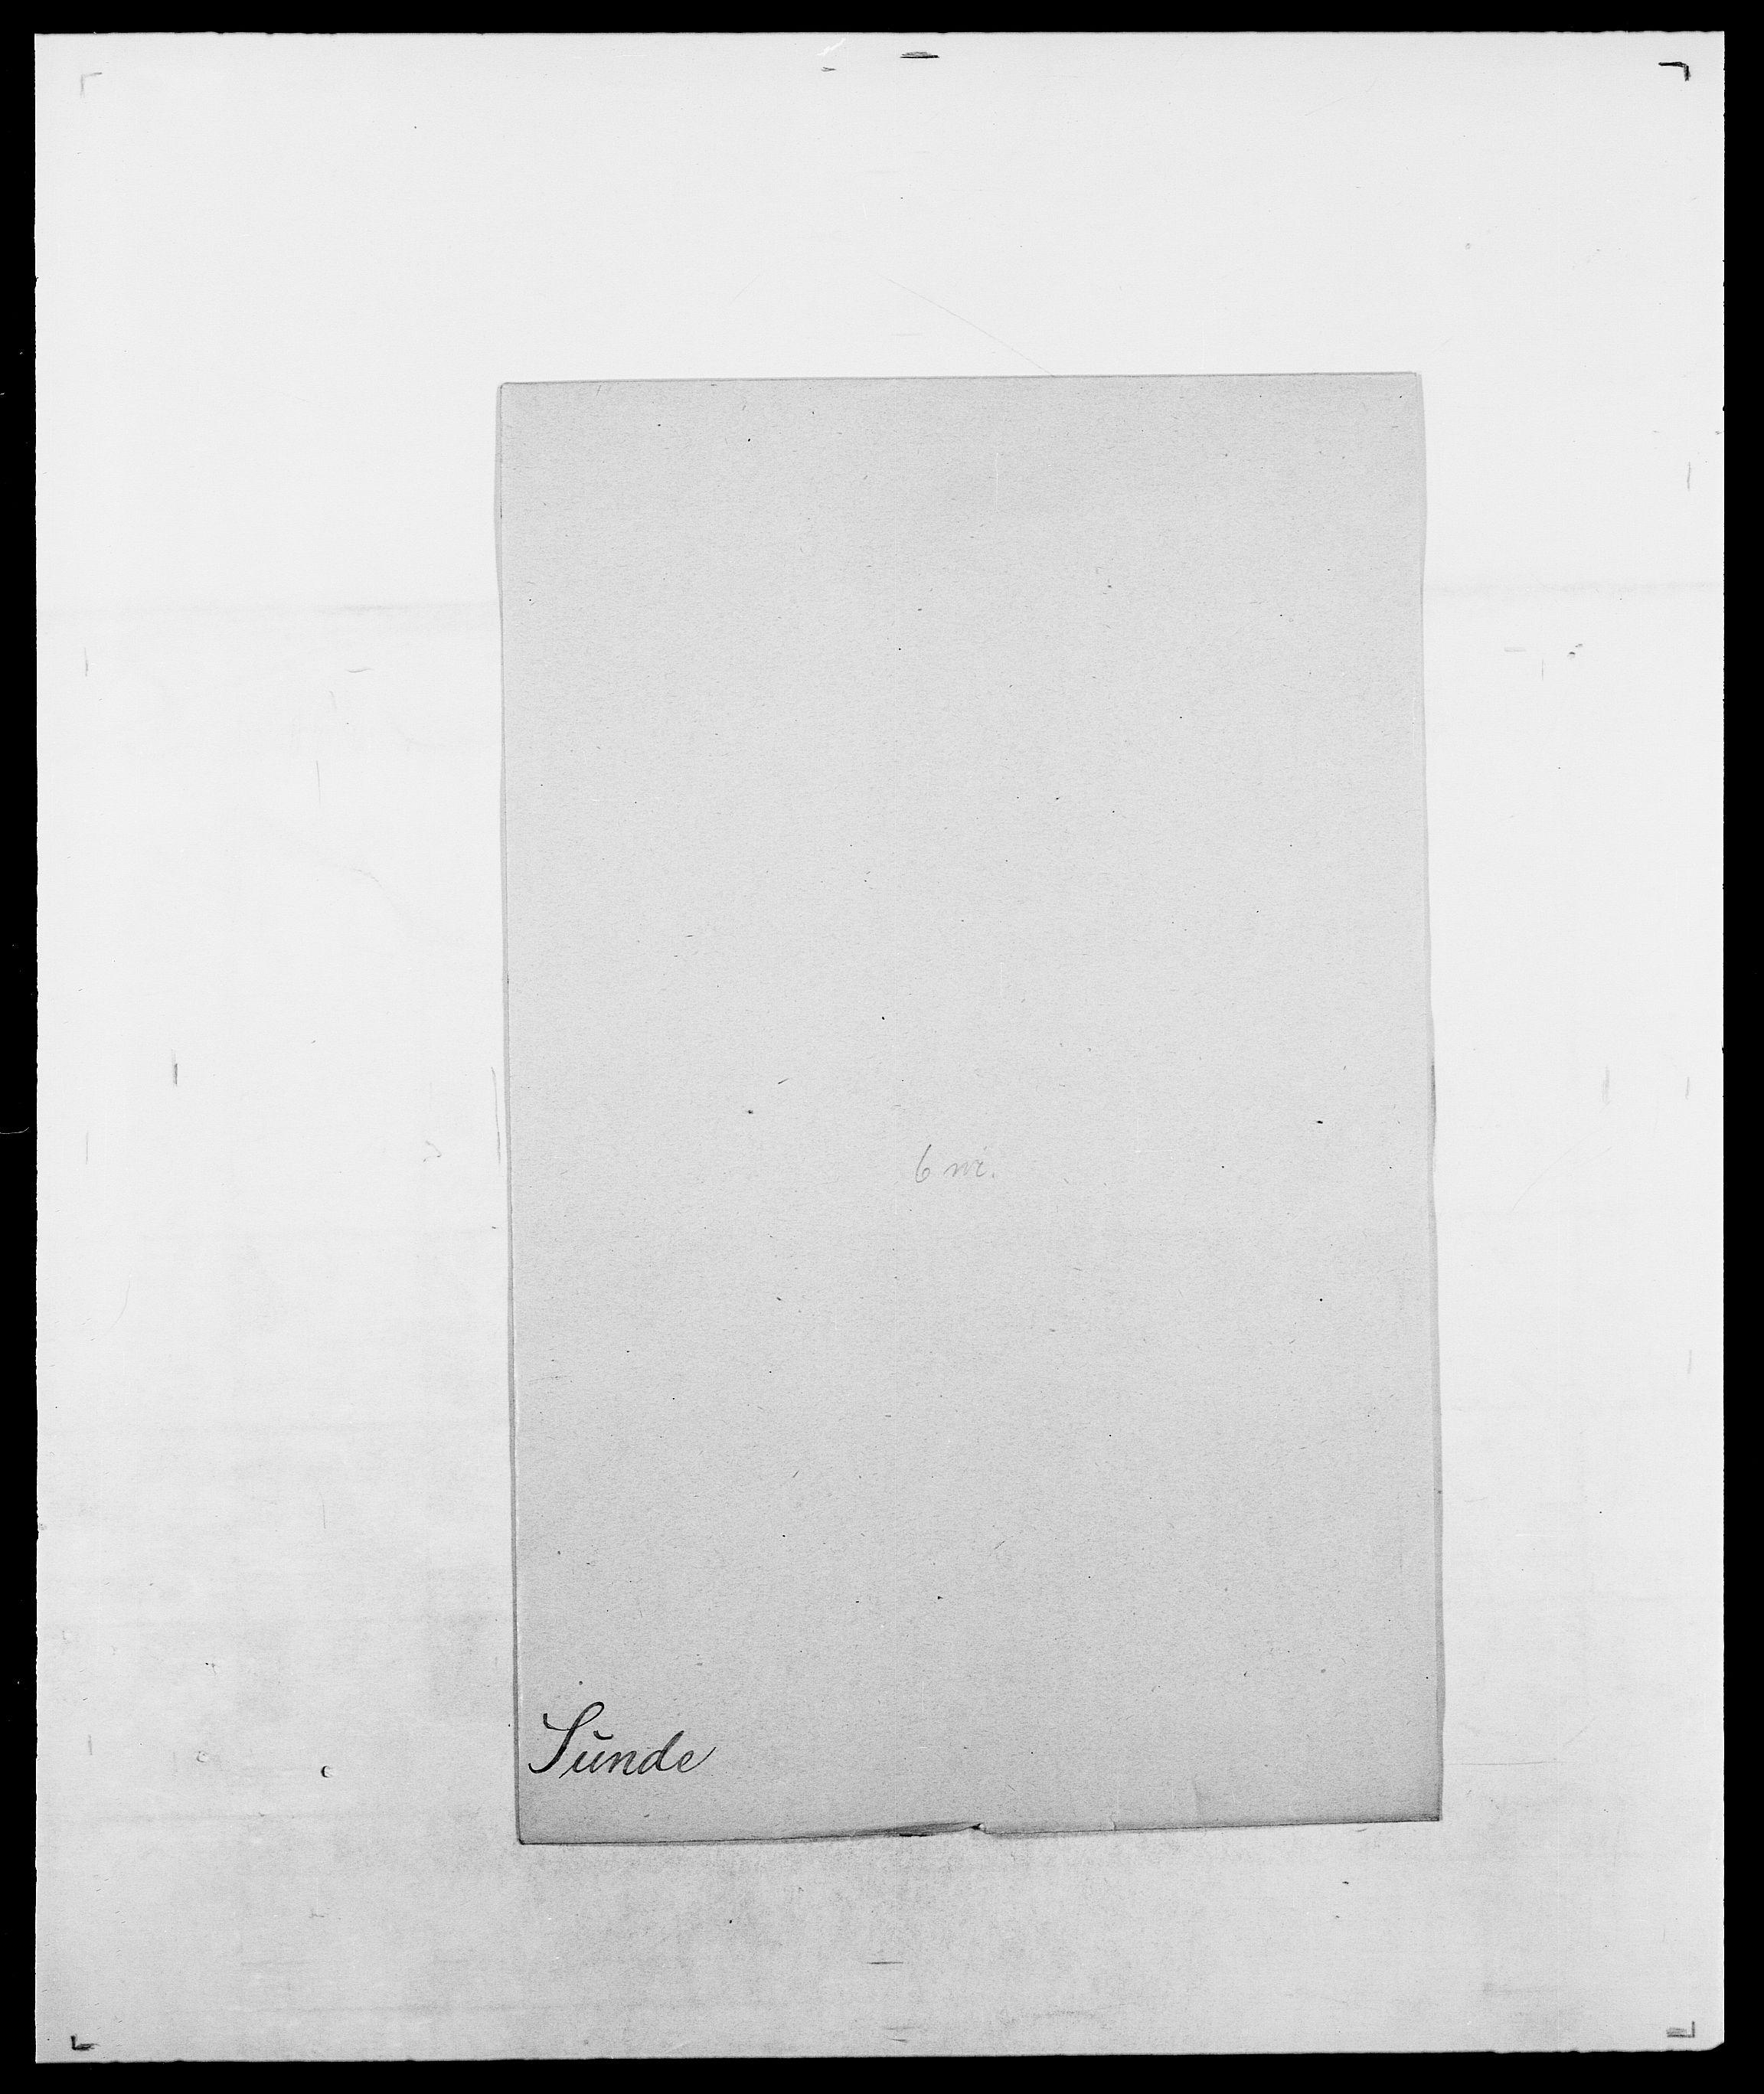 SAO, Delgobe, Charles Antoine - samling, D/Da/L0037: Steen, Sthen, Stein - Svare, Svanige, Svanne, se også Svanning og Schwane, s. 917